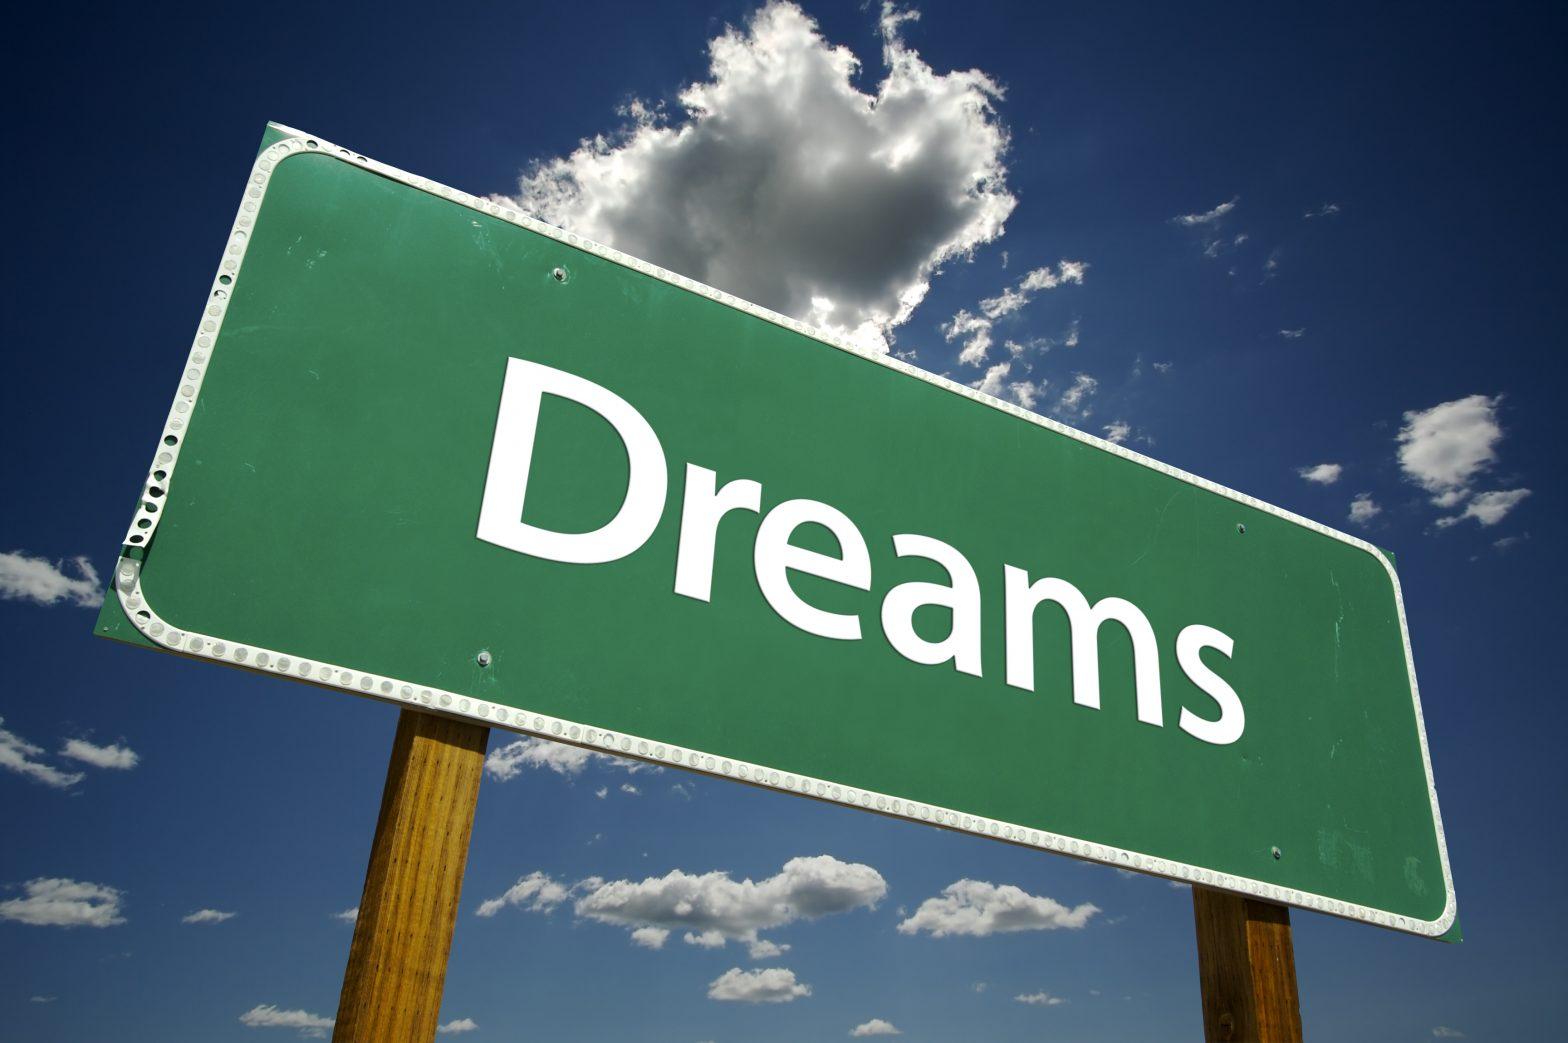 Az álmok valósággá válhatnak – kicsit másképp